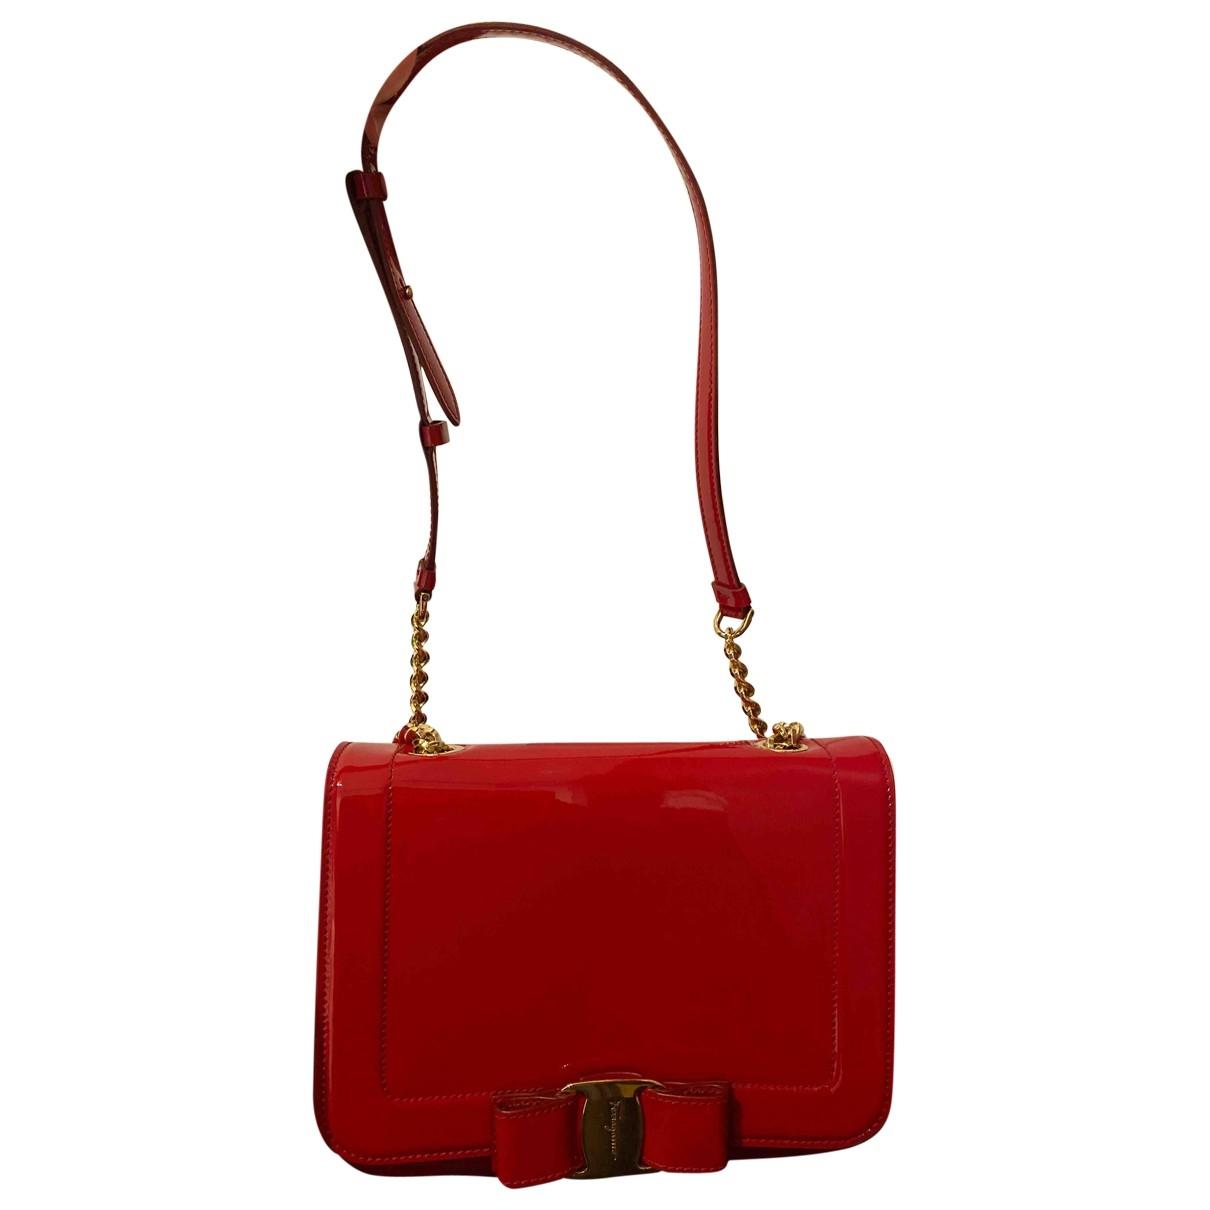 Salvatore Ferragamo \N Handtasche in  Rot Lackleder